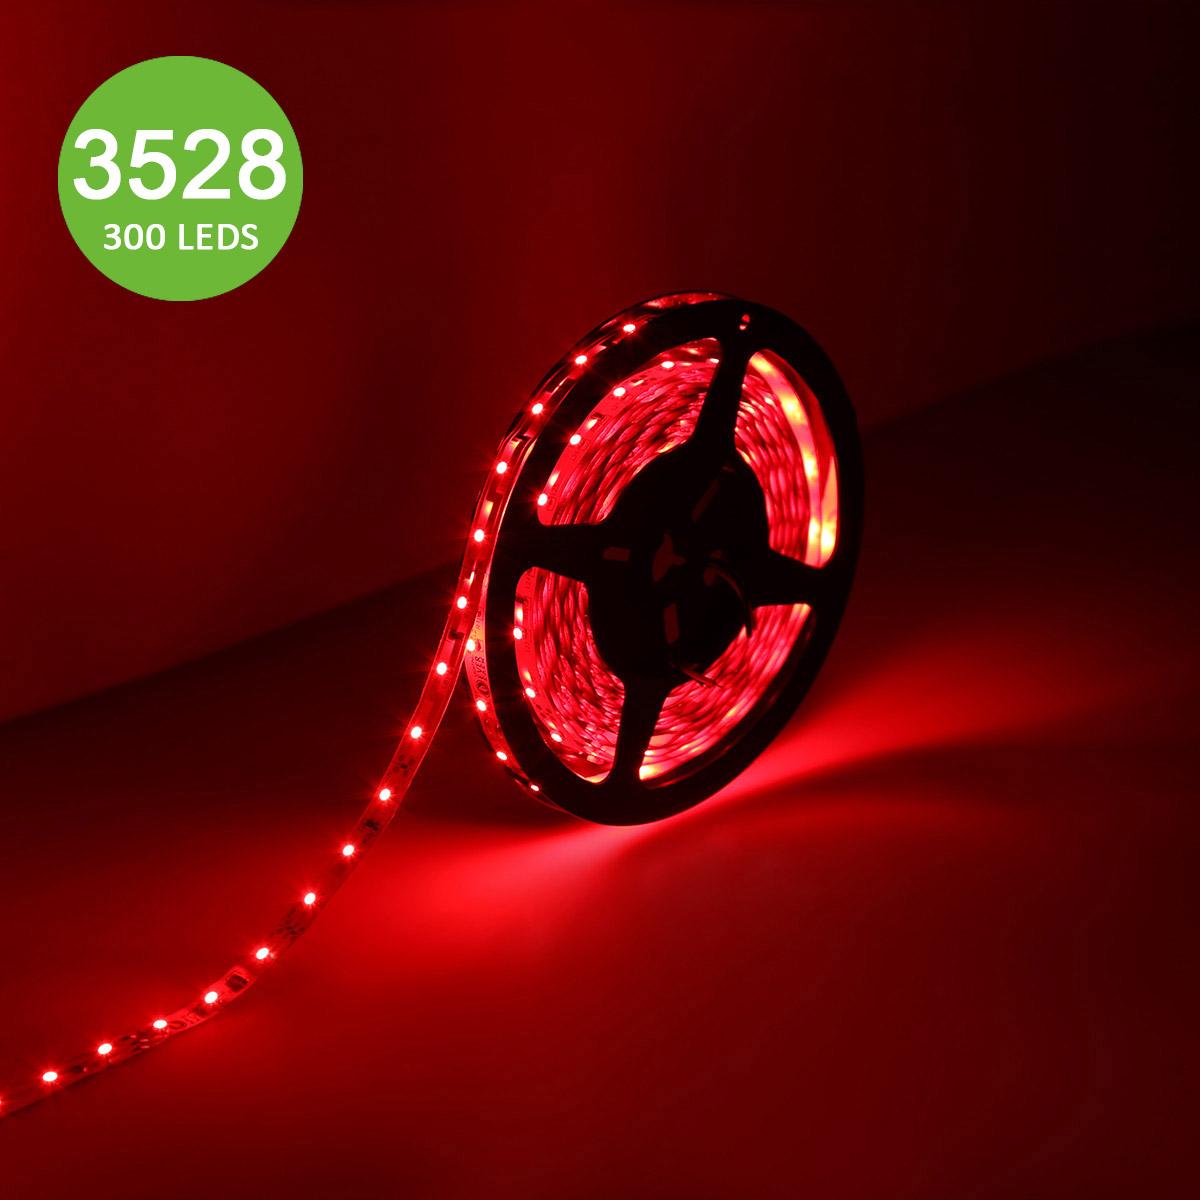 12V LED Leuchtband, Dimmbar, 300 Stück 3528 SMD Streifen, Rot, Non-Wasserdicht, 5M, Indirekte Beleuchtung